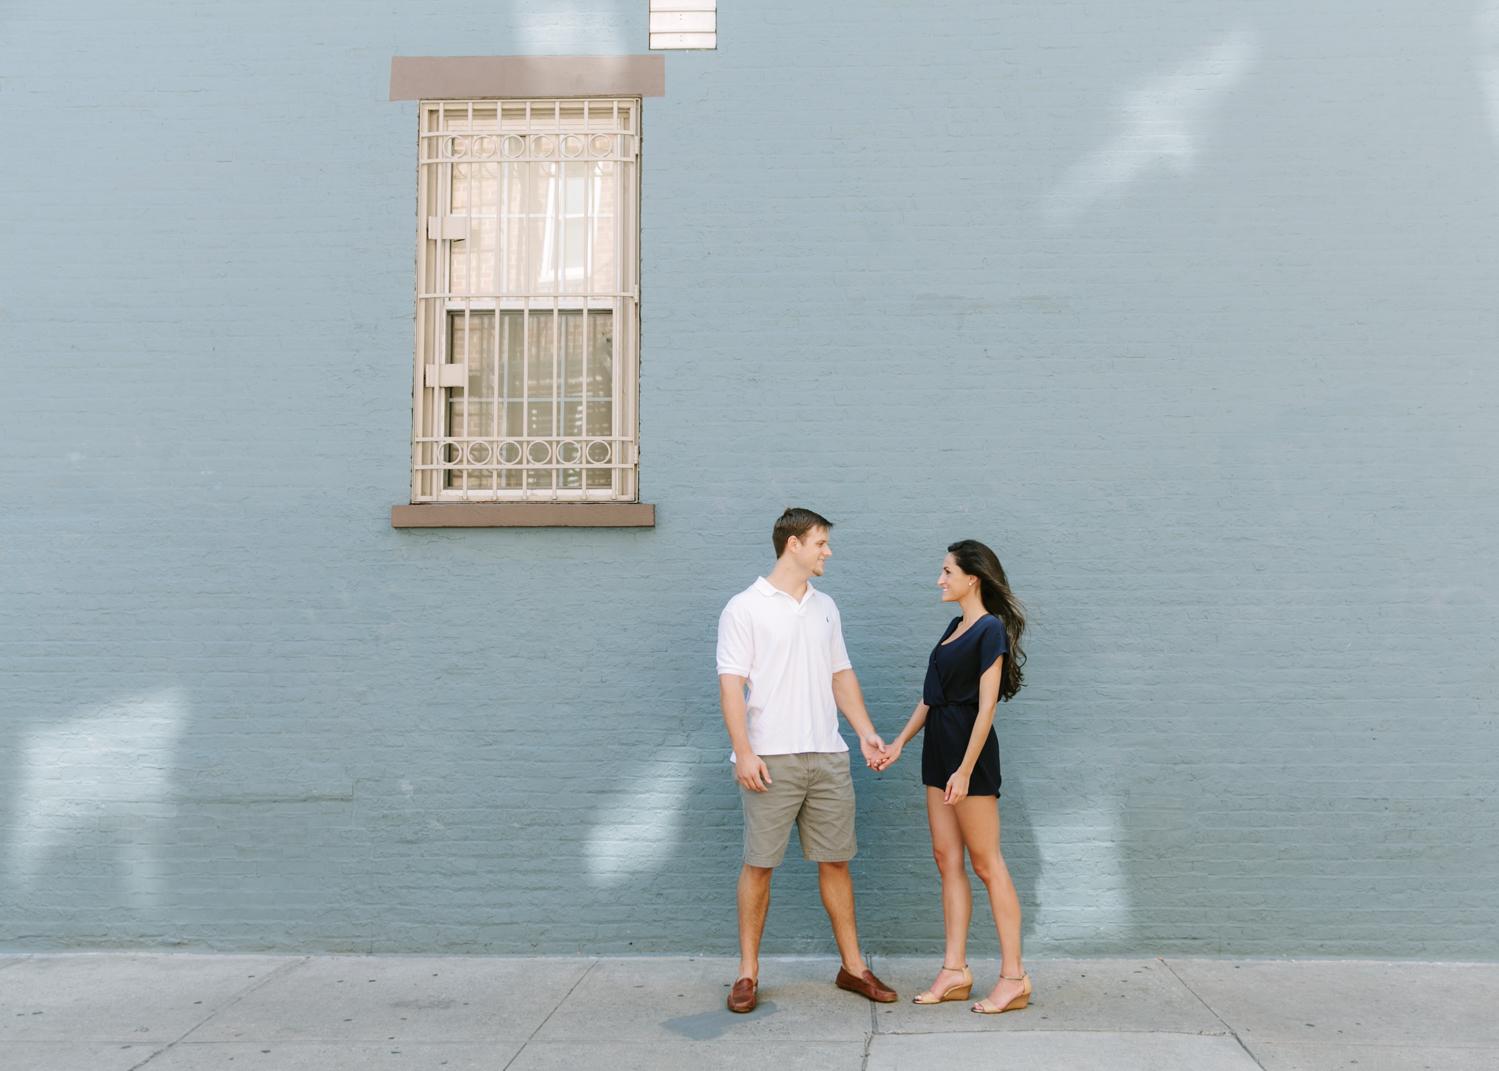 NYC-engagement-photos-by-Tanya-Isaeva-11.jpg